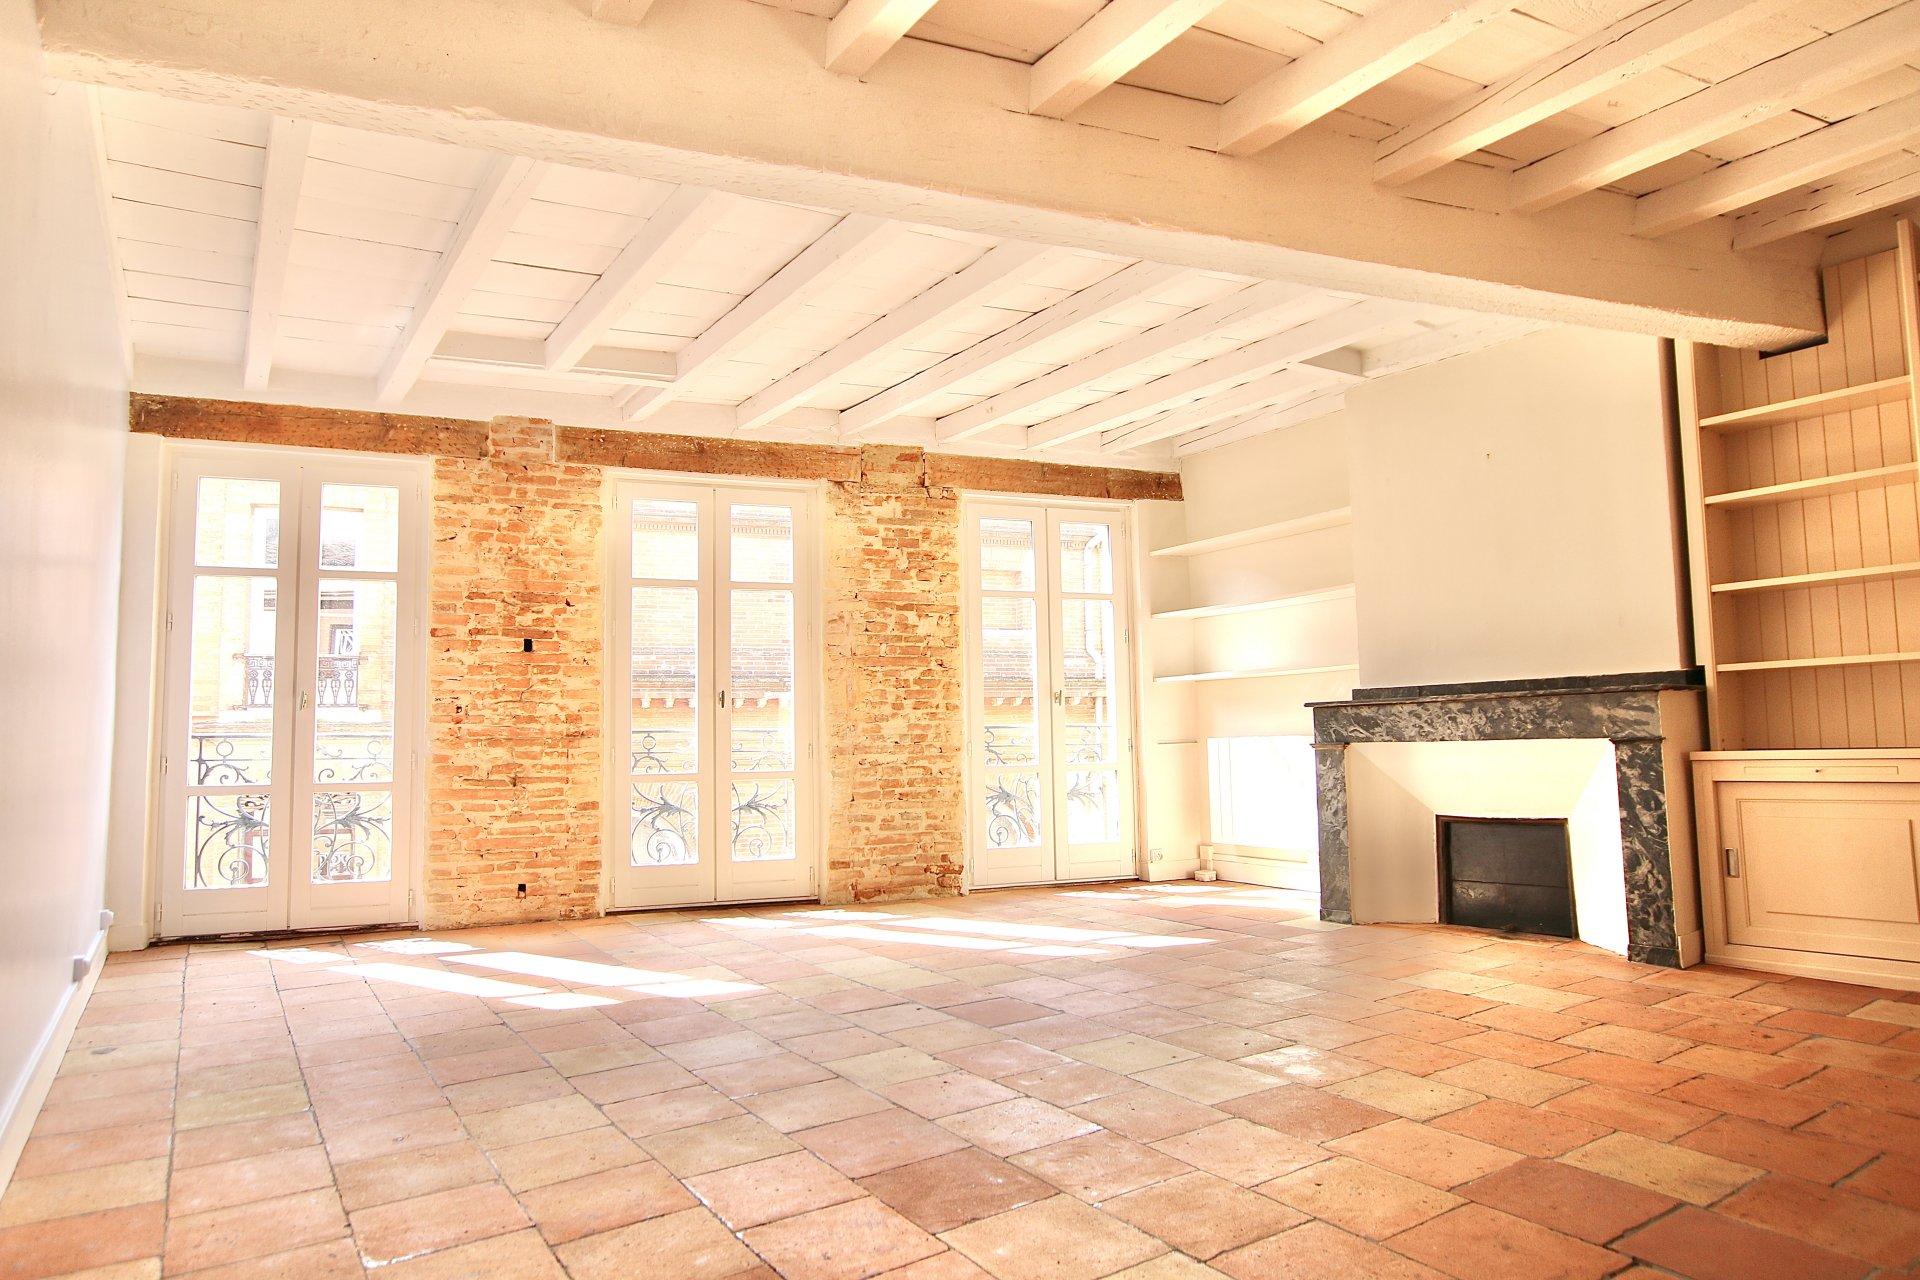 Appartement Duplex 123m2 - 3/4 chambres - Bourse / Bords de Garonne